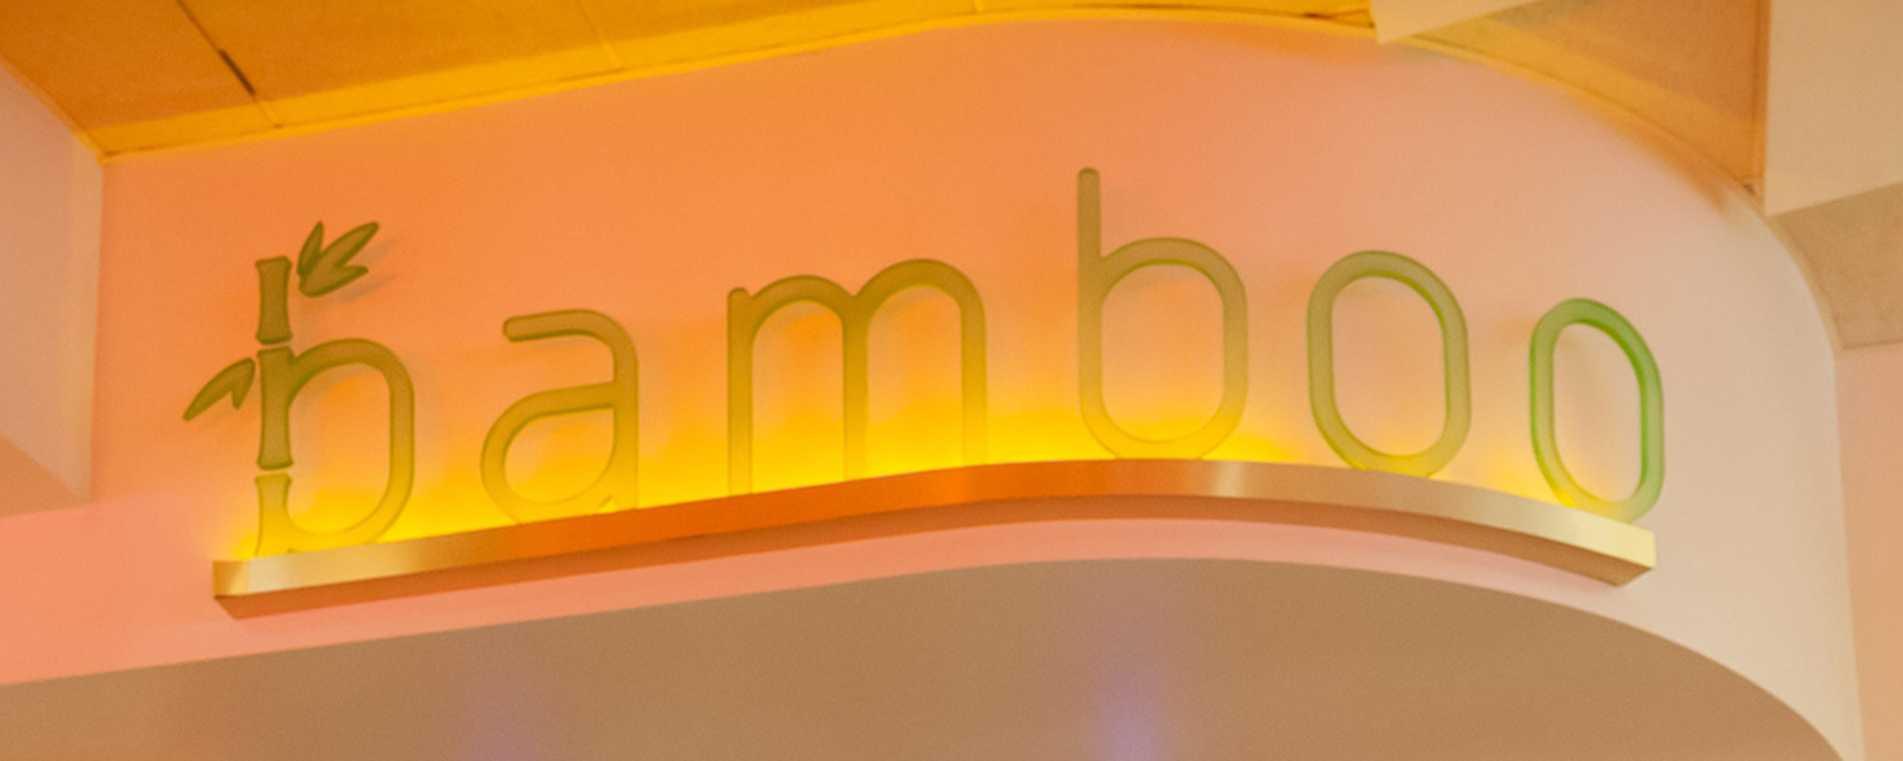 Bamboo Restaurant - Pechanga Resort & Casino